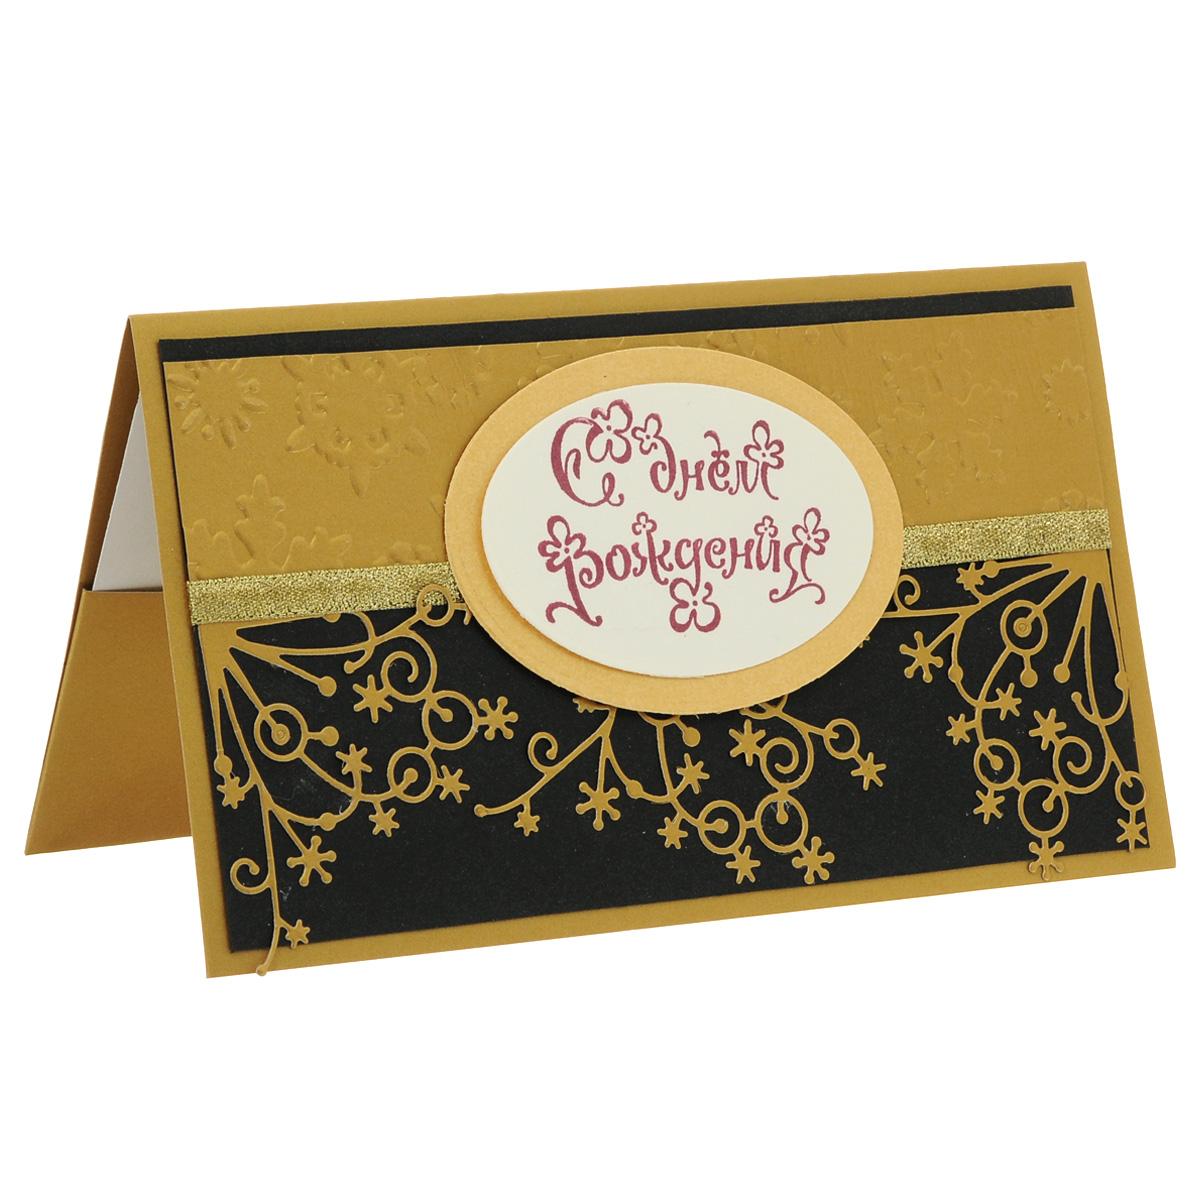 ОЖ-0002 Открытка-конверт «С Днём Рождения!» (золото-черный). Студия «Тётя Роза» ою 0002 открытка конверт с юбилеем студия тётя роза